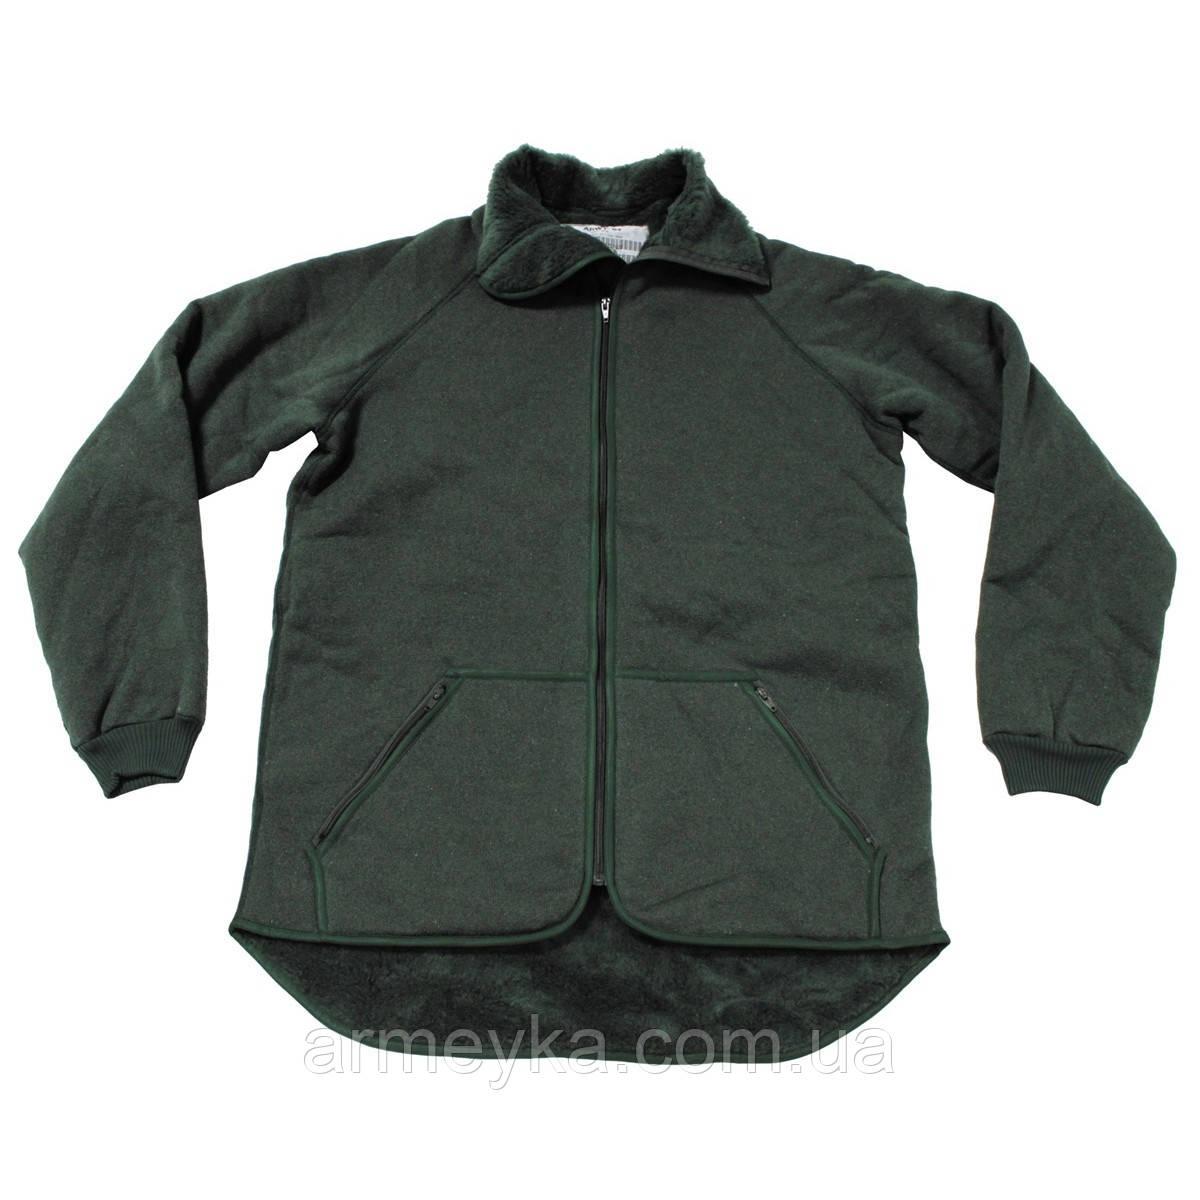 Меховой утеплитель (кофта) для парки/куртки. ВС Нидерладнов, оригинал.